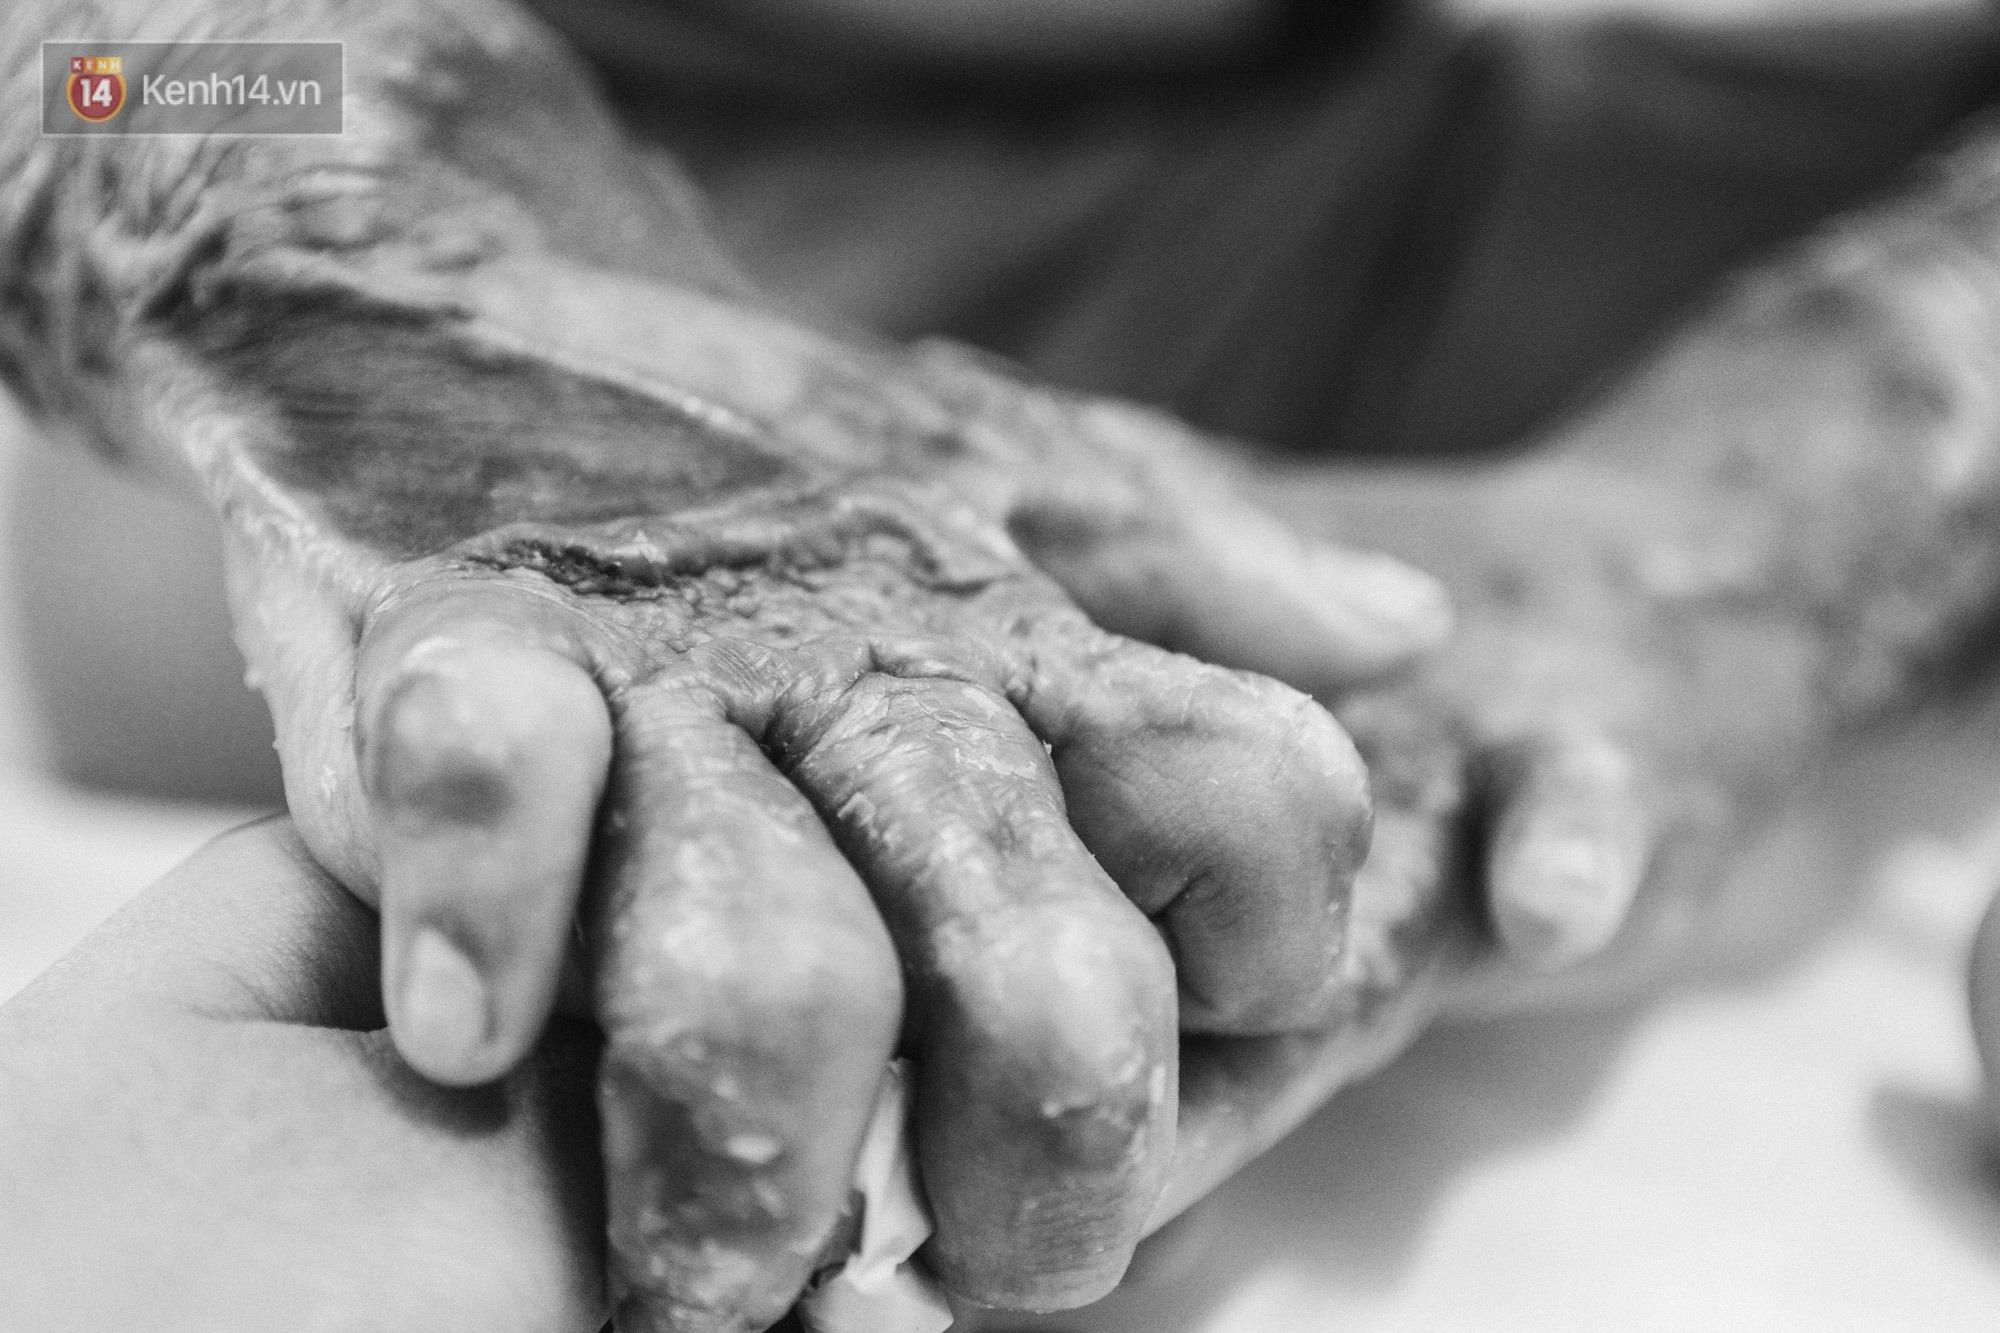 Xót xa những vết bỏng đau đớn trên người bé trai 6 tuổi: Ngày con phải cưa chân là ngày bạn bè vào lớp 1 - Ảnh 3